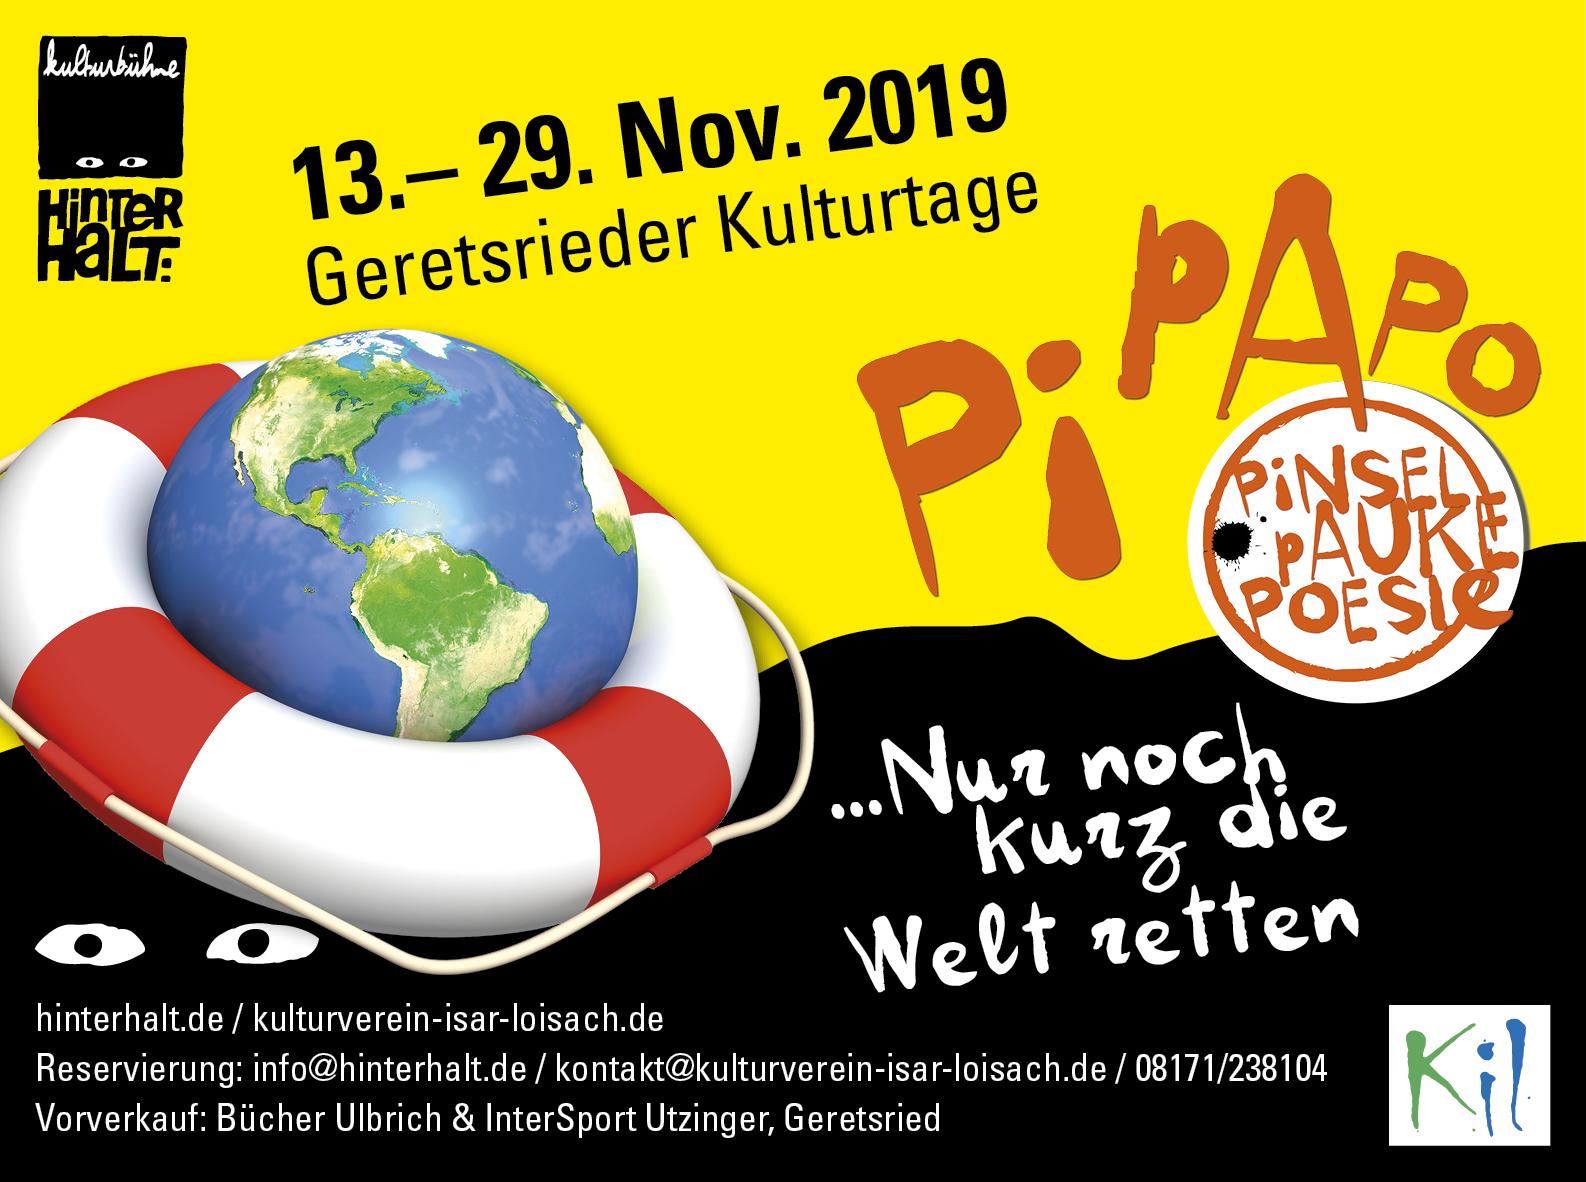 """Geretsrieder Kulturtage PiPaPo 2020 """"Nur noch kurz die Welt retten"""" – Hoffnung Zukunft"""